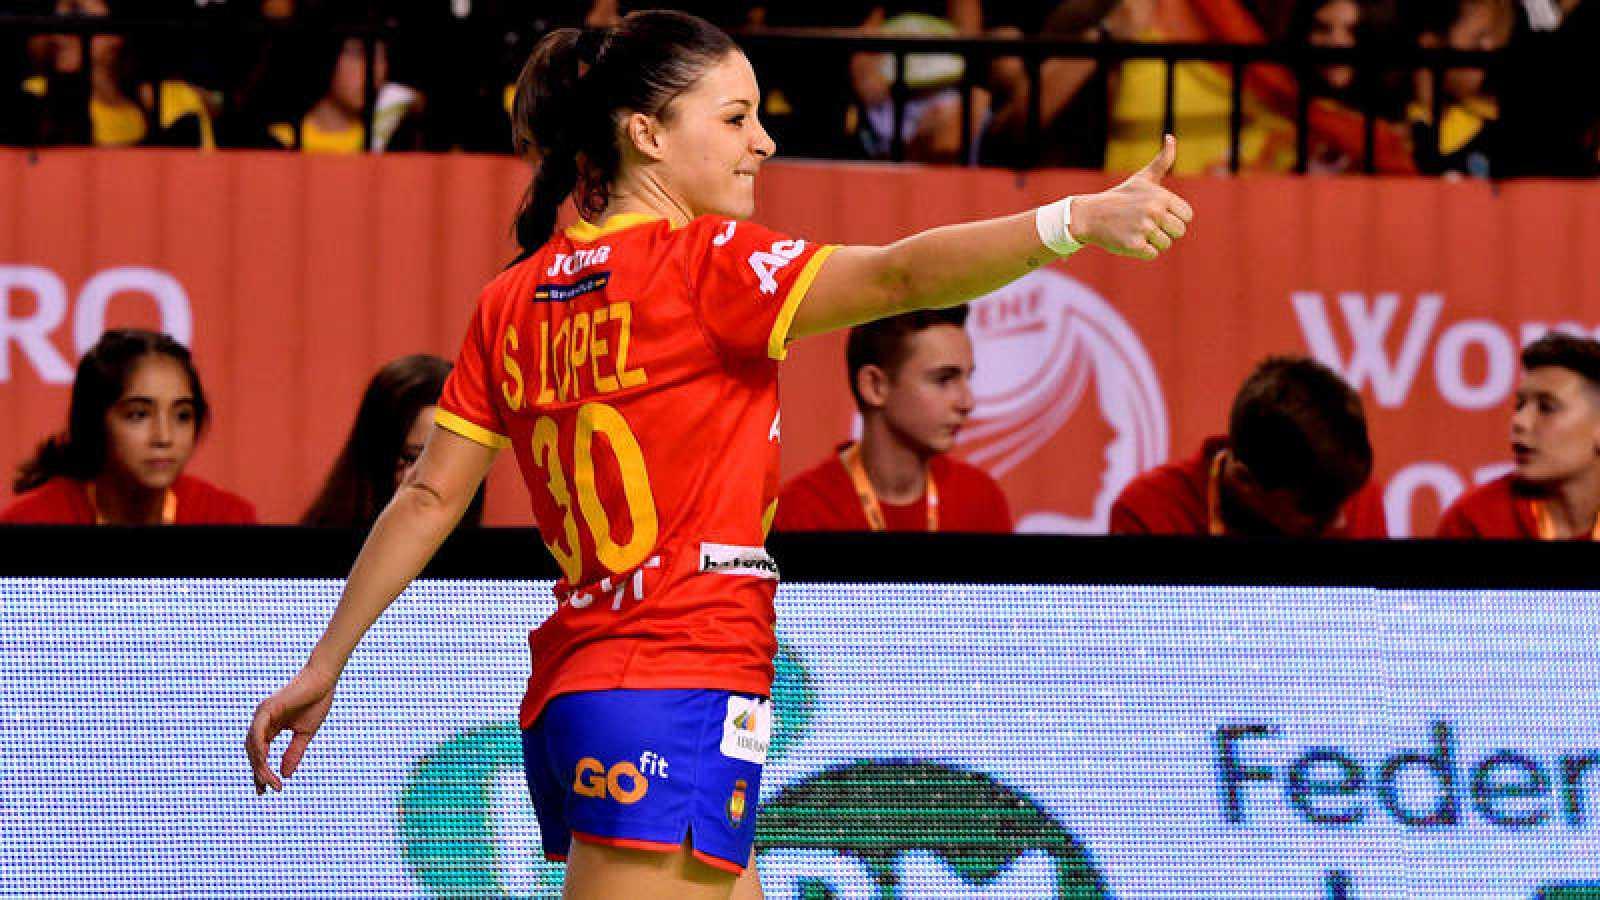 La jugadora de la selección española femenina de balonmano Soledad Lopez celebra un gol durante el partido ante Grecia.